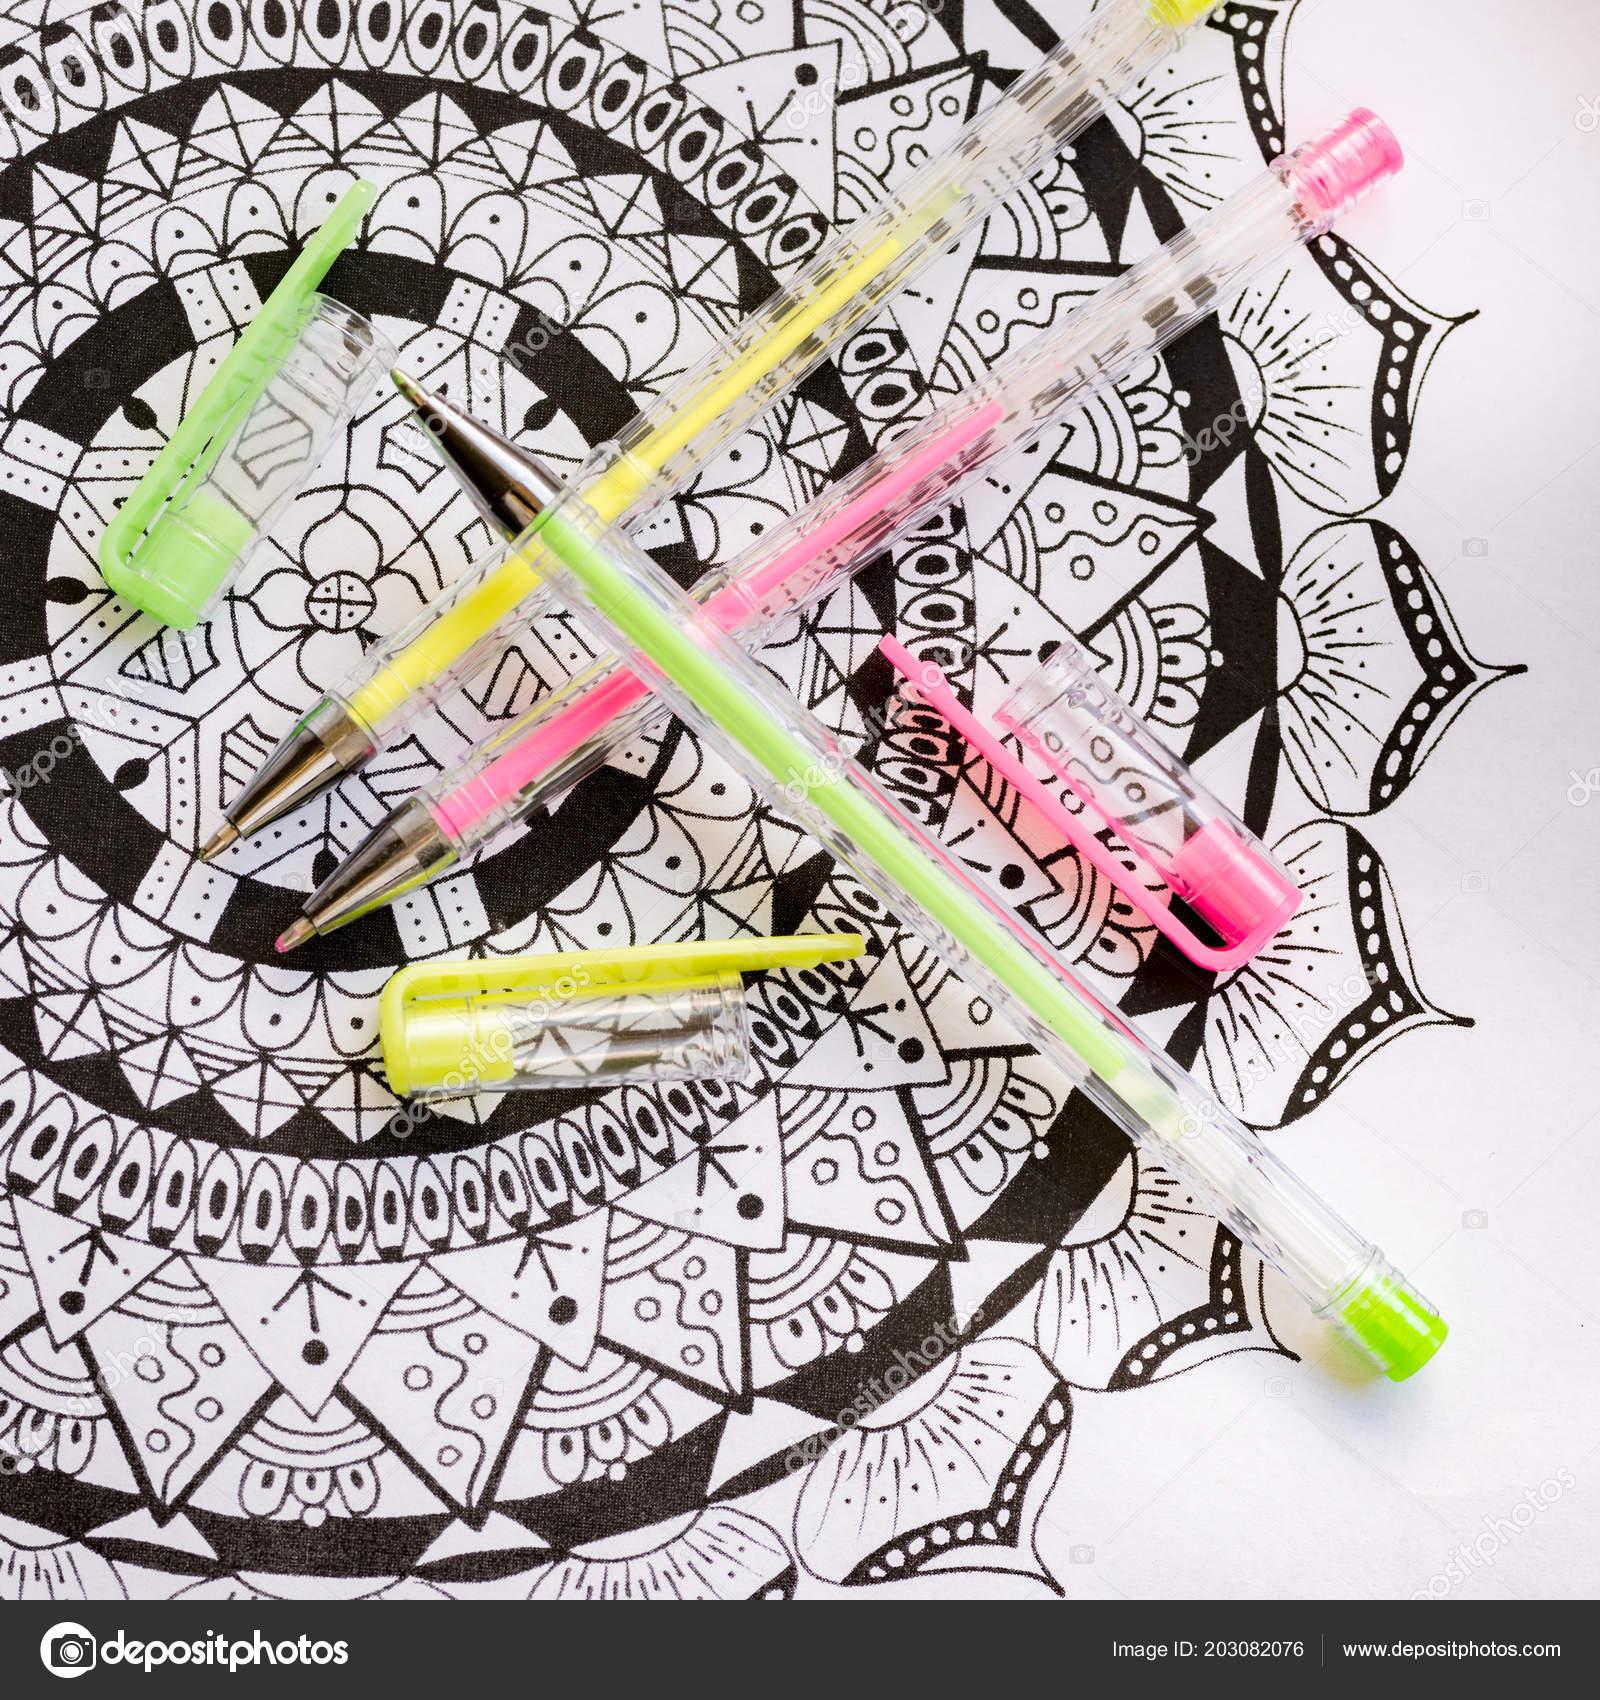 大人の塗り絵 新しいストレス傾向を緩和します 芸術療法 精神的健康